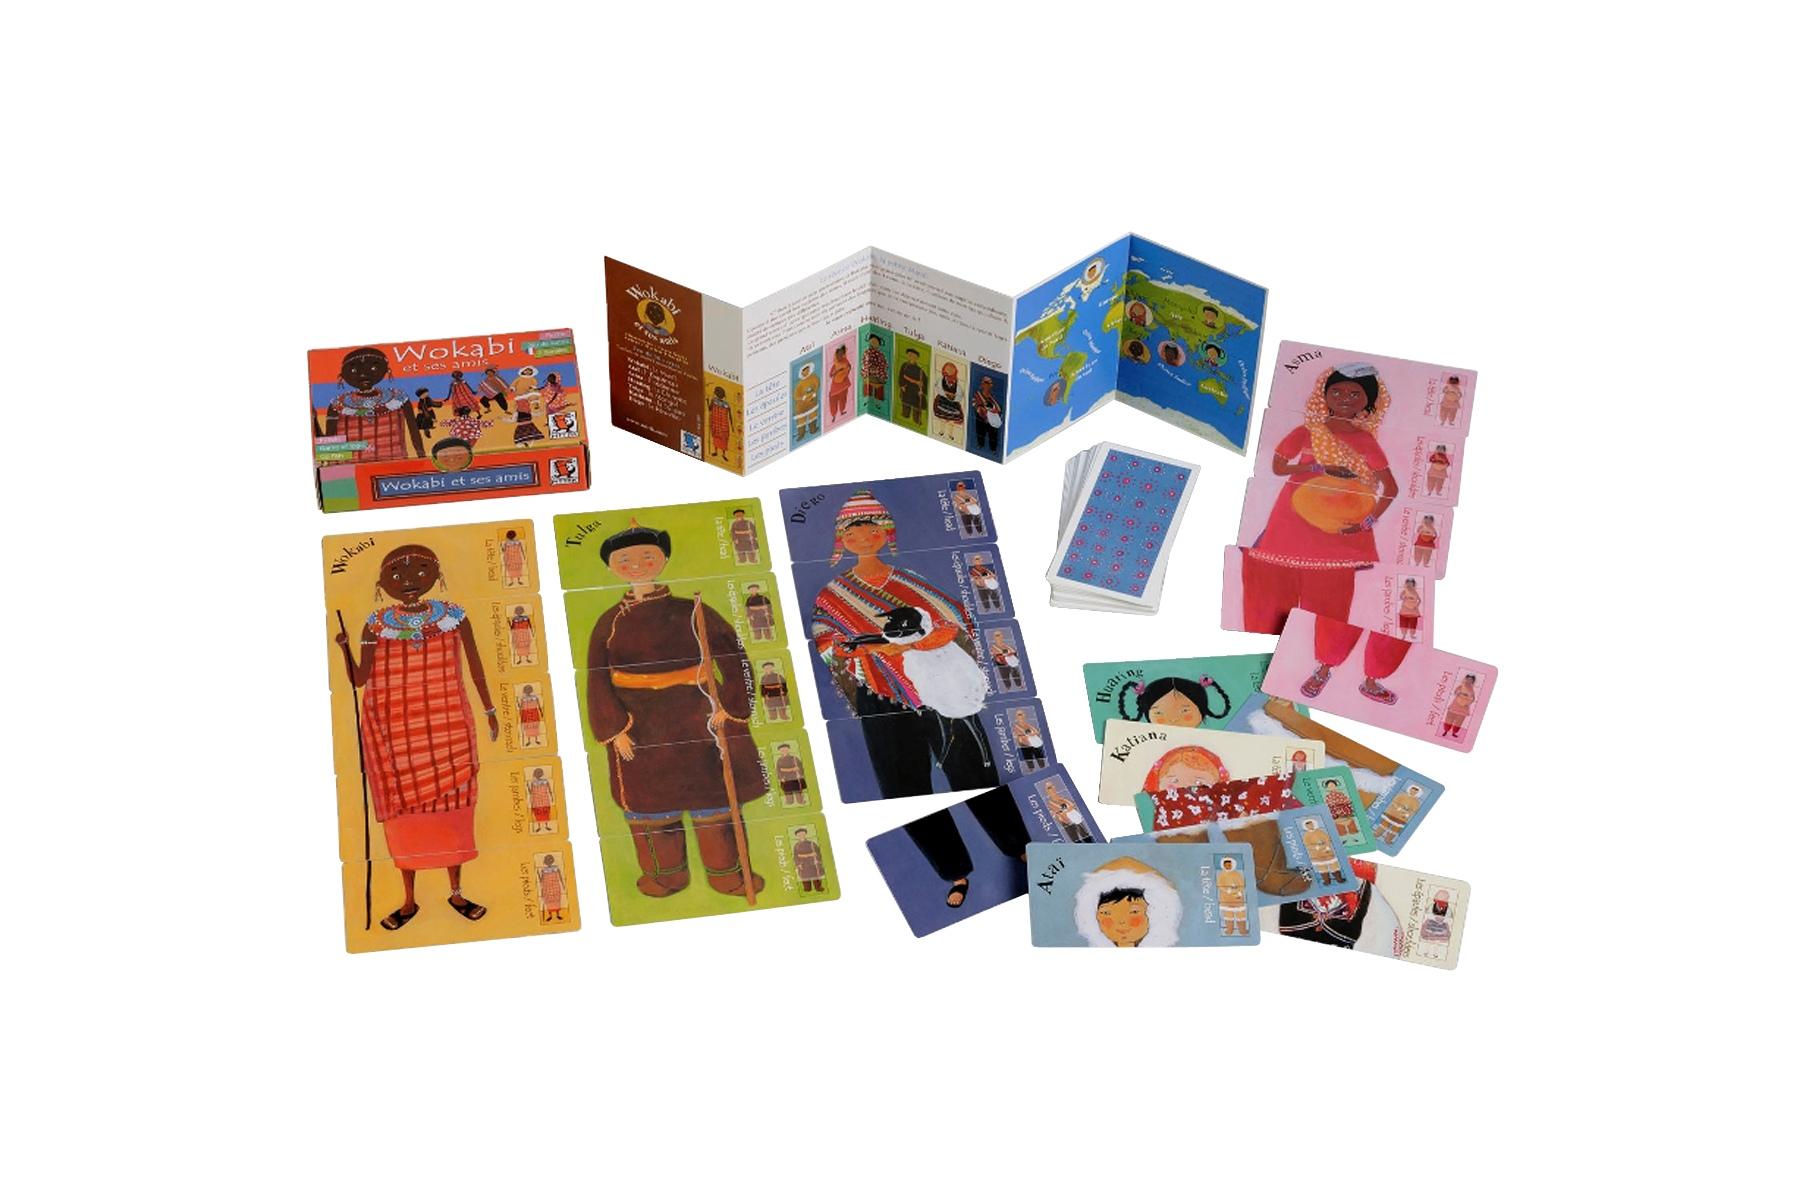 jeu de cartes wokabi et ses amis jeu de cartes mitik. Black Bedroom Furniture Sets. Home Design Ideas